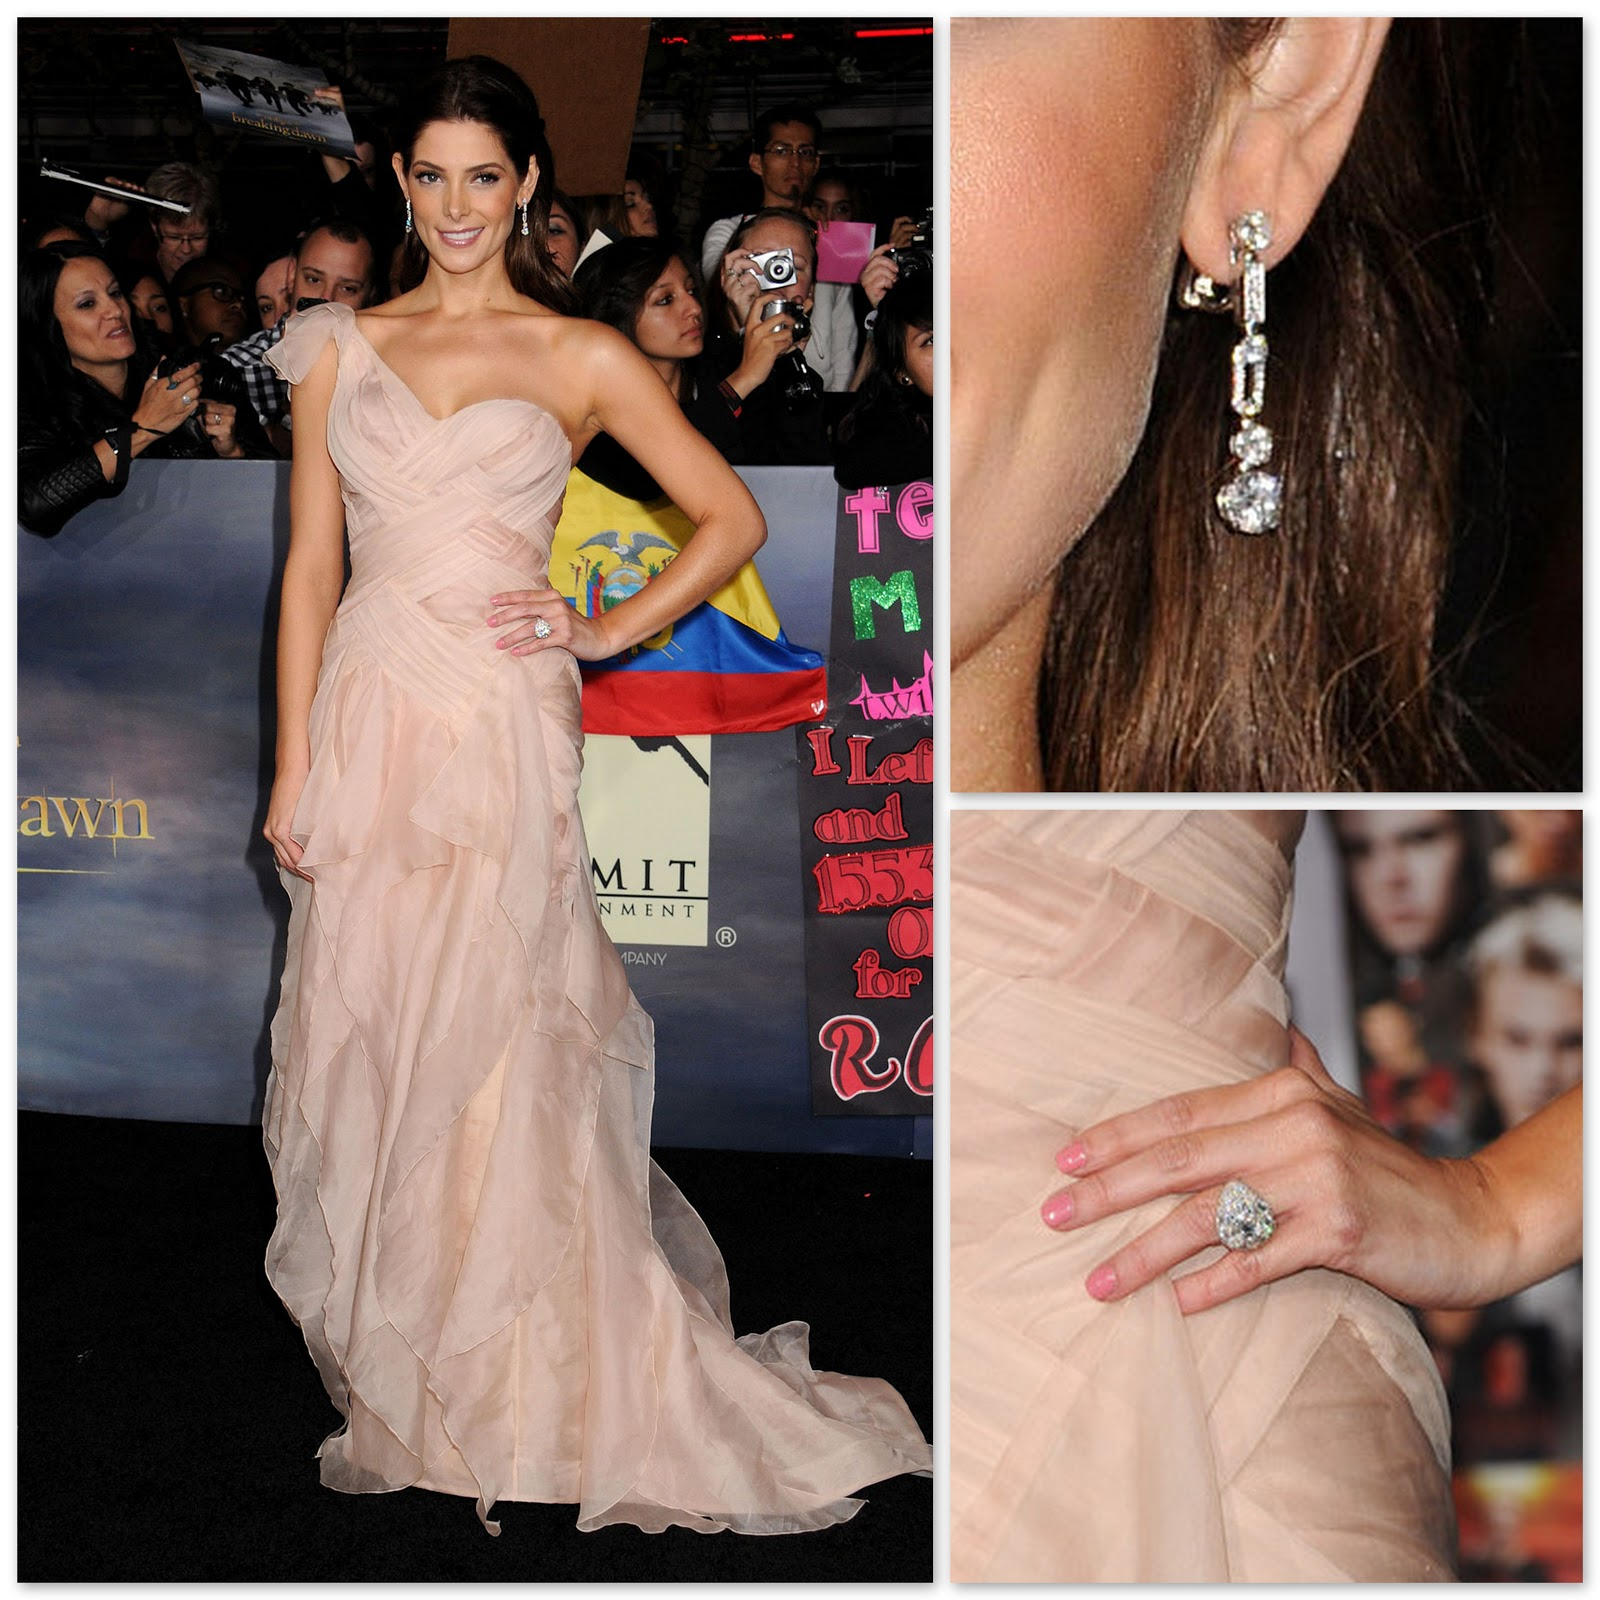 http://4.bp.blogspot.com/-k5w-P4sVi7Y/UKcM-wtE7eI/AAAAAAAAJEA/X9pv0YJyCXw/s1600/best+dressed1.jpg